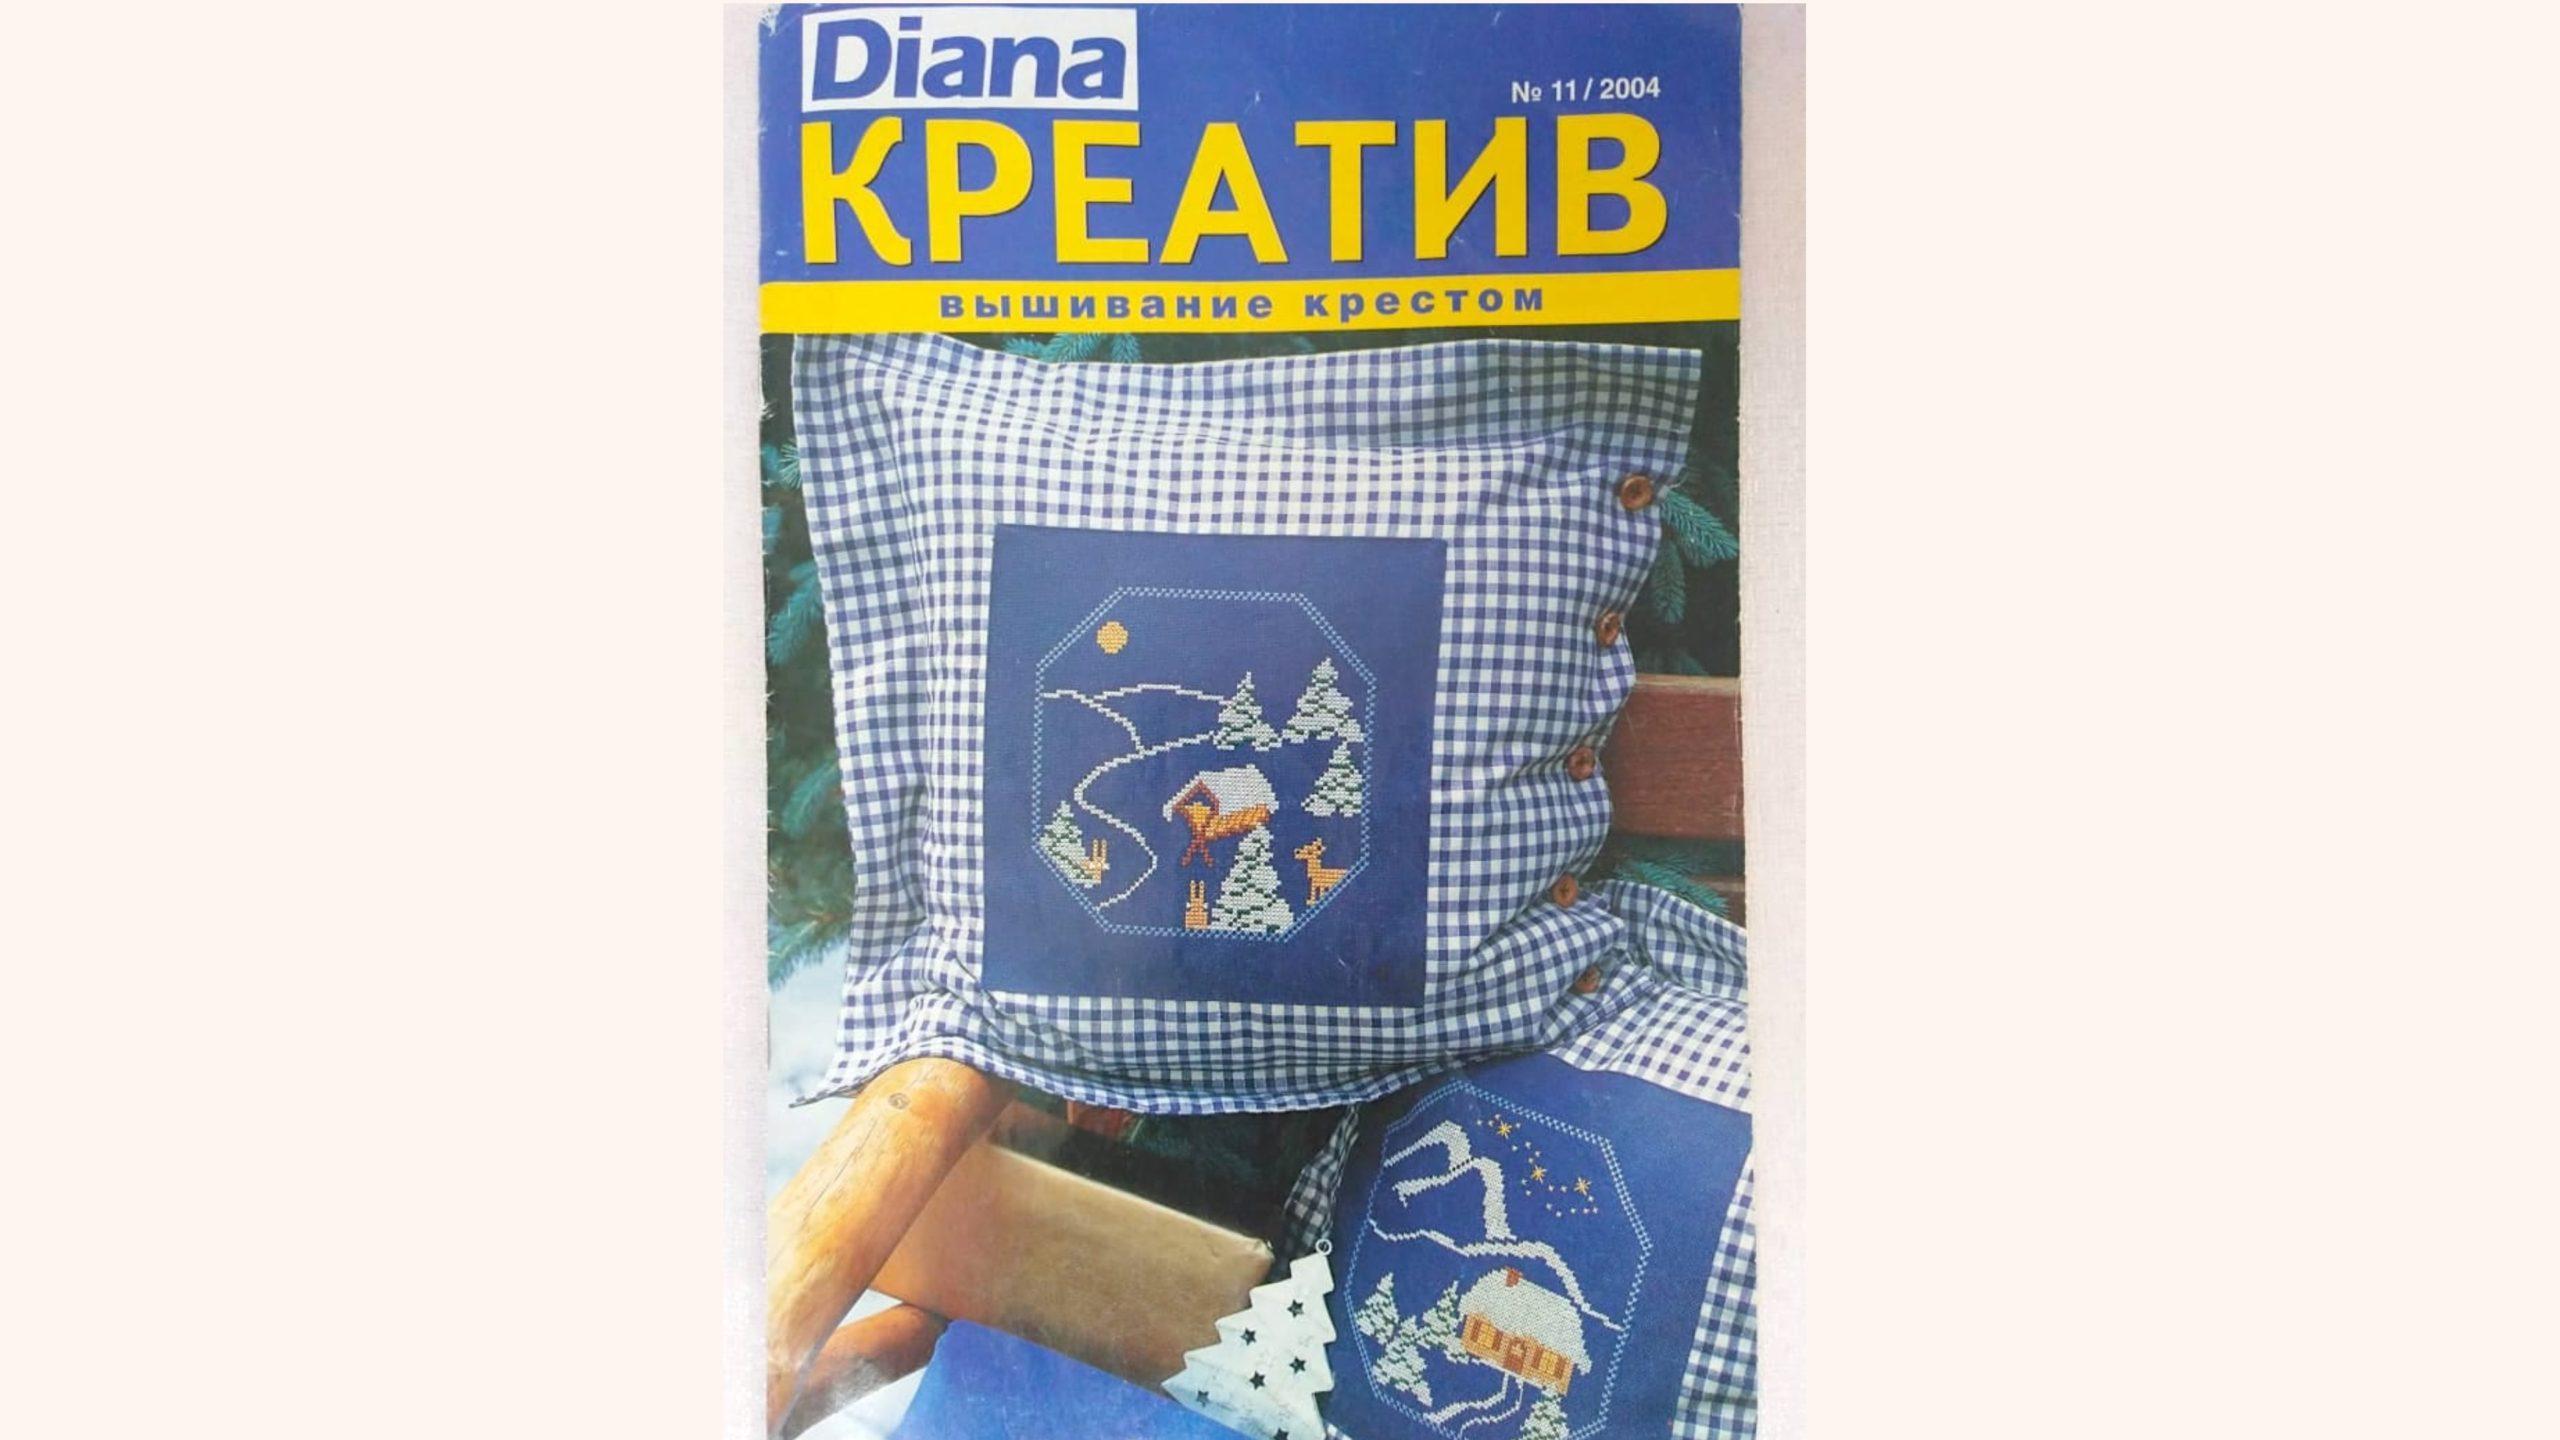 Diana КРЕАТИВ